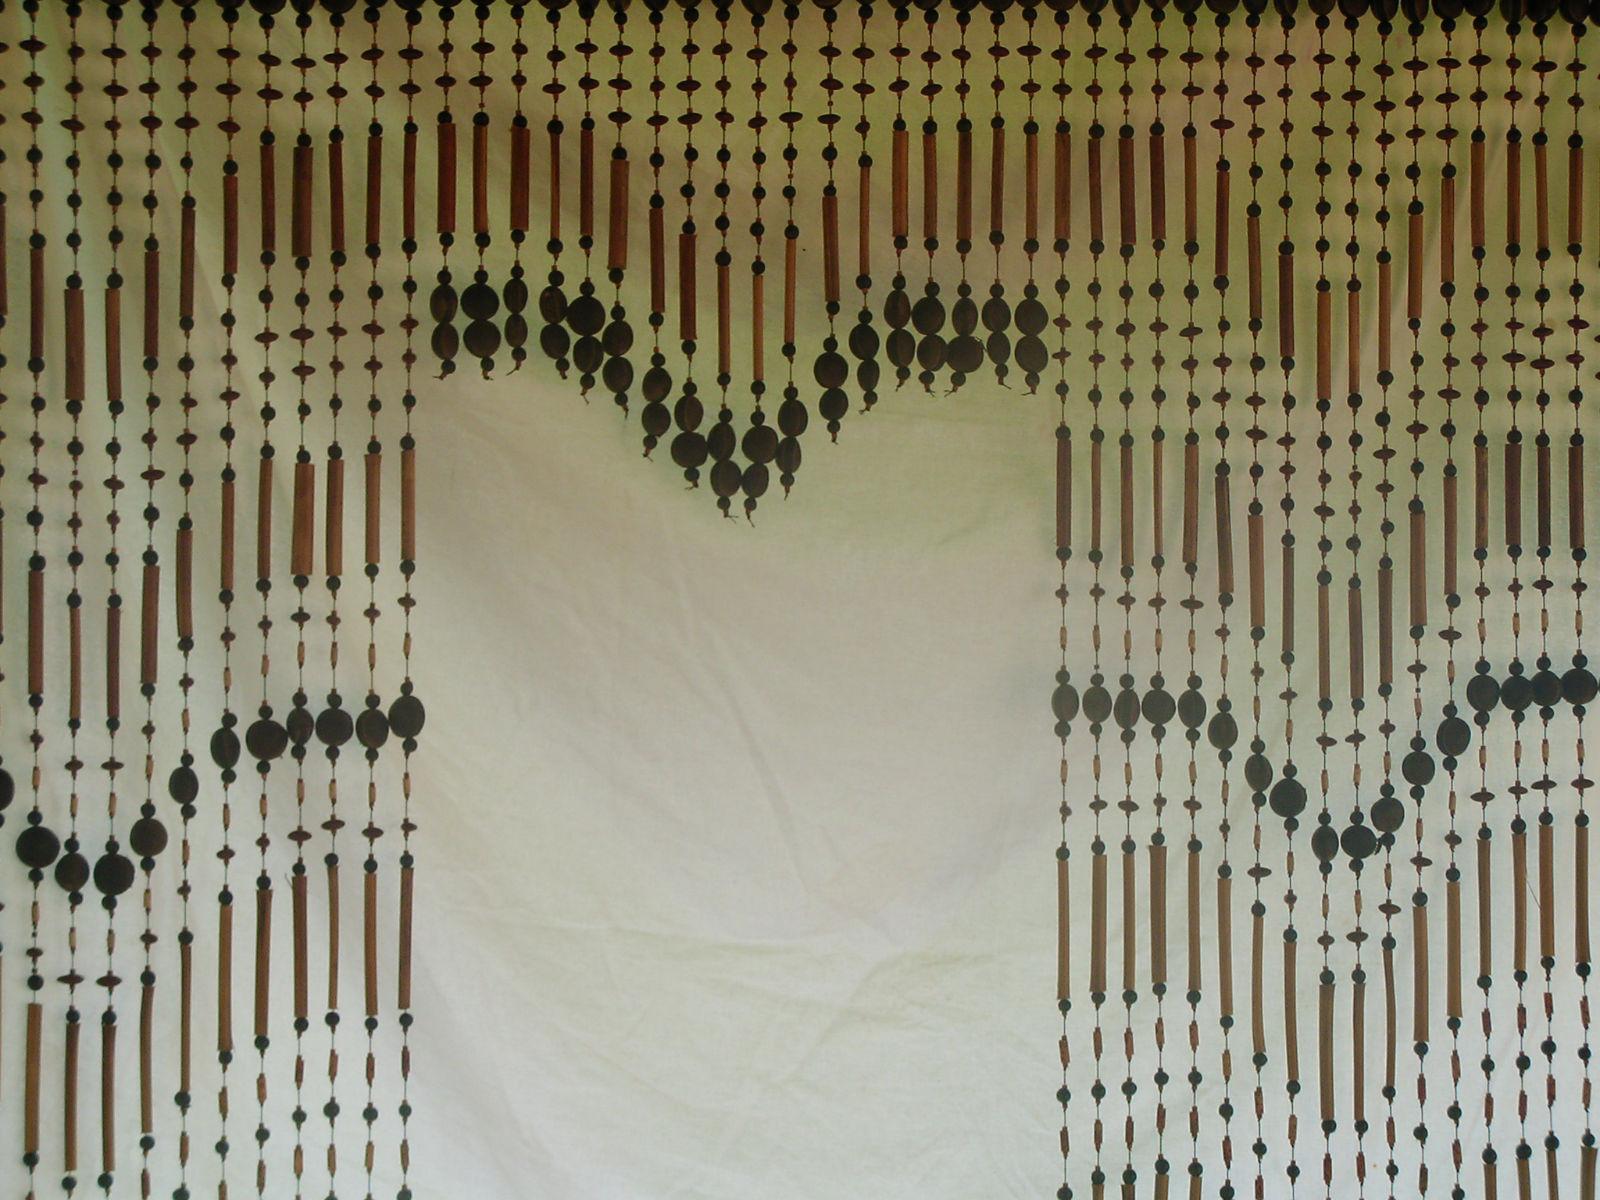 Museo del calabazo san antero 54 cortina de bambu y - Cortina de bambu ...